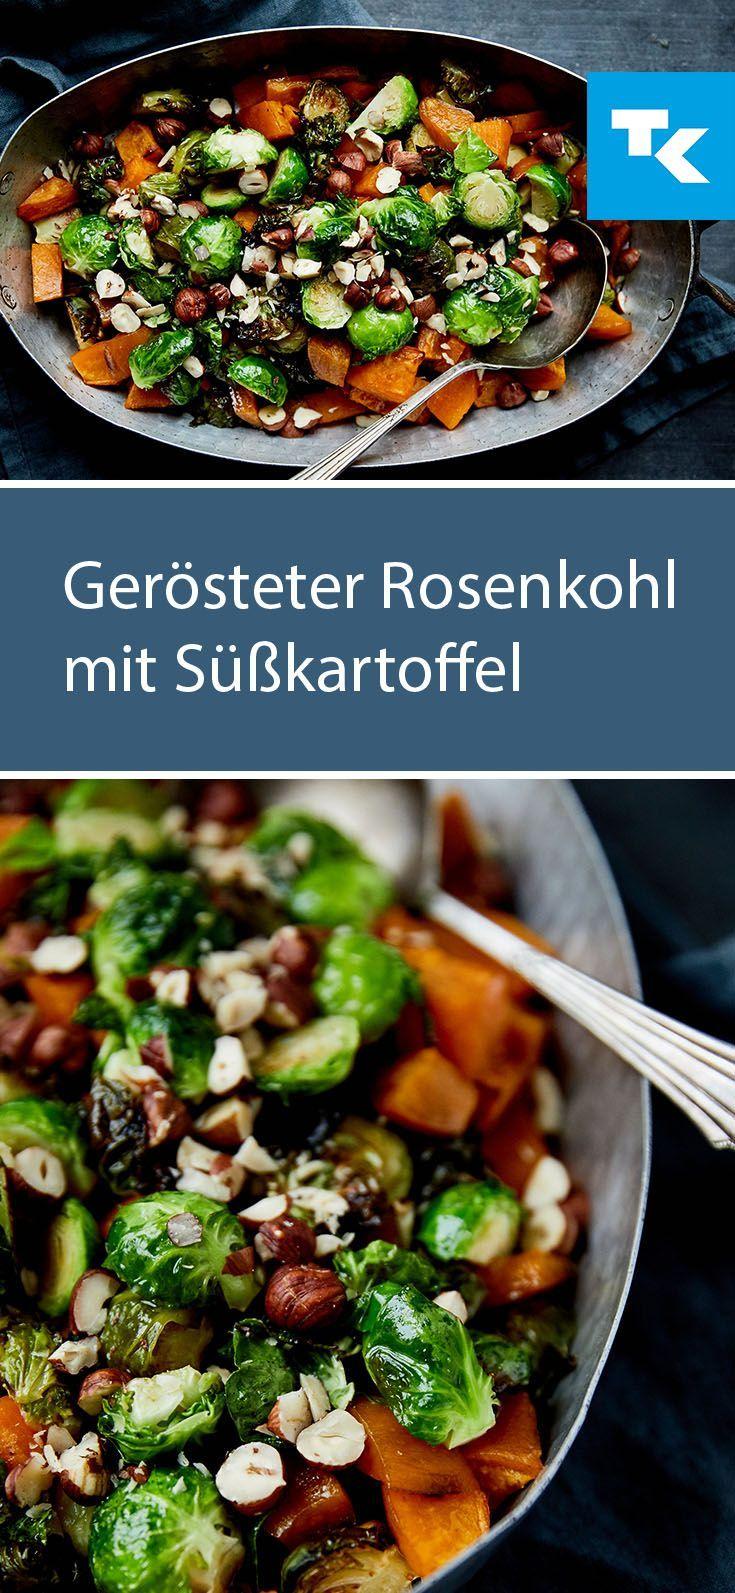 Rezept für gerösteten Rosenkohl mit Süßkartoffel. Schnell und einfach zuzubereiten …   – Vegan kochen